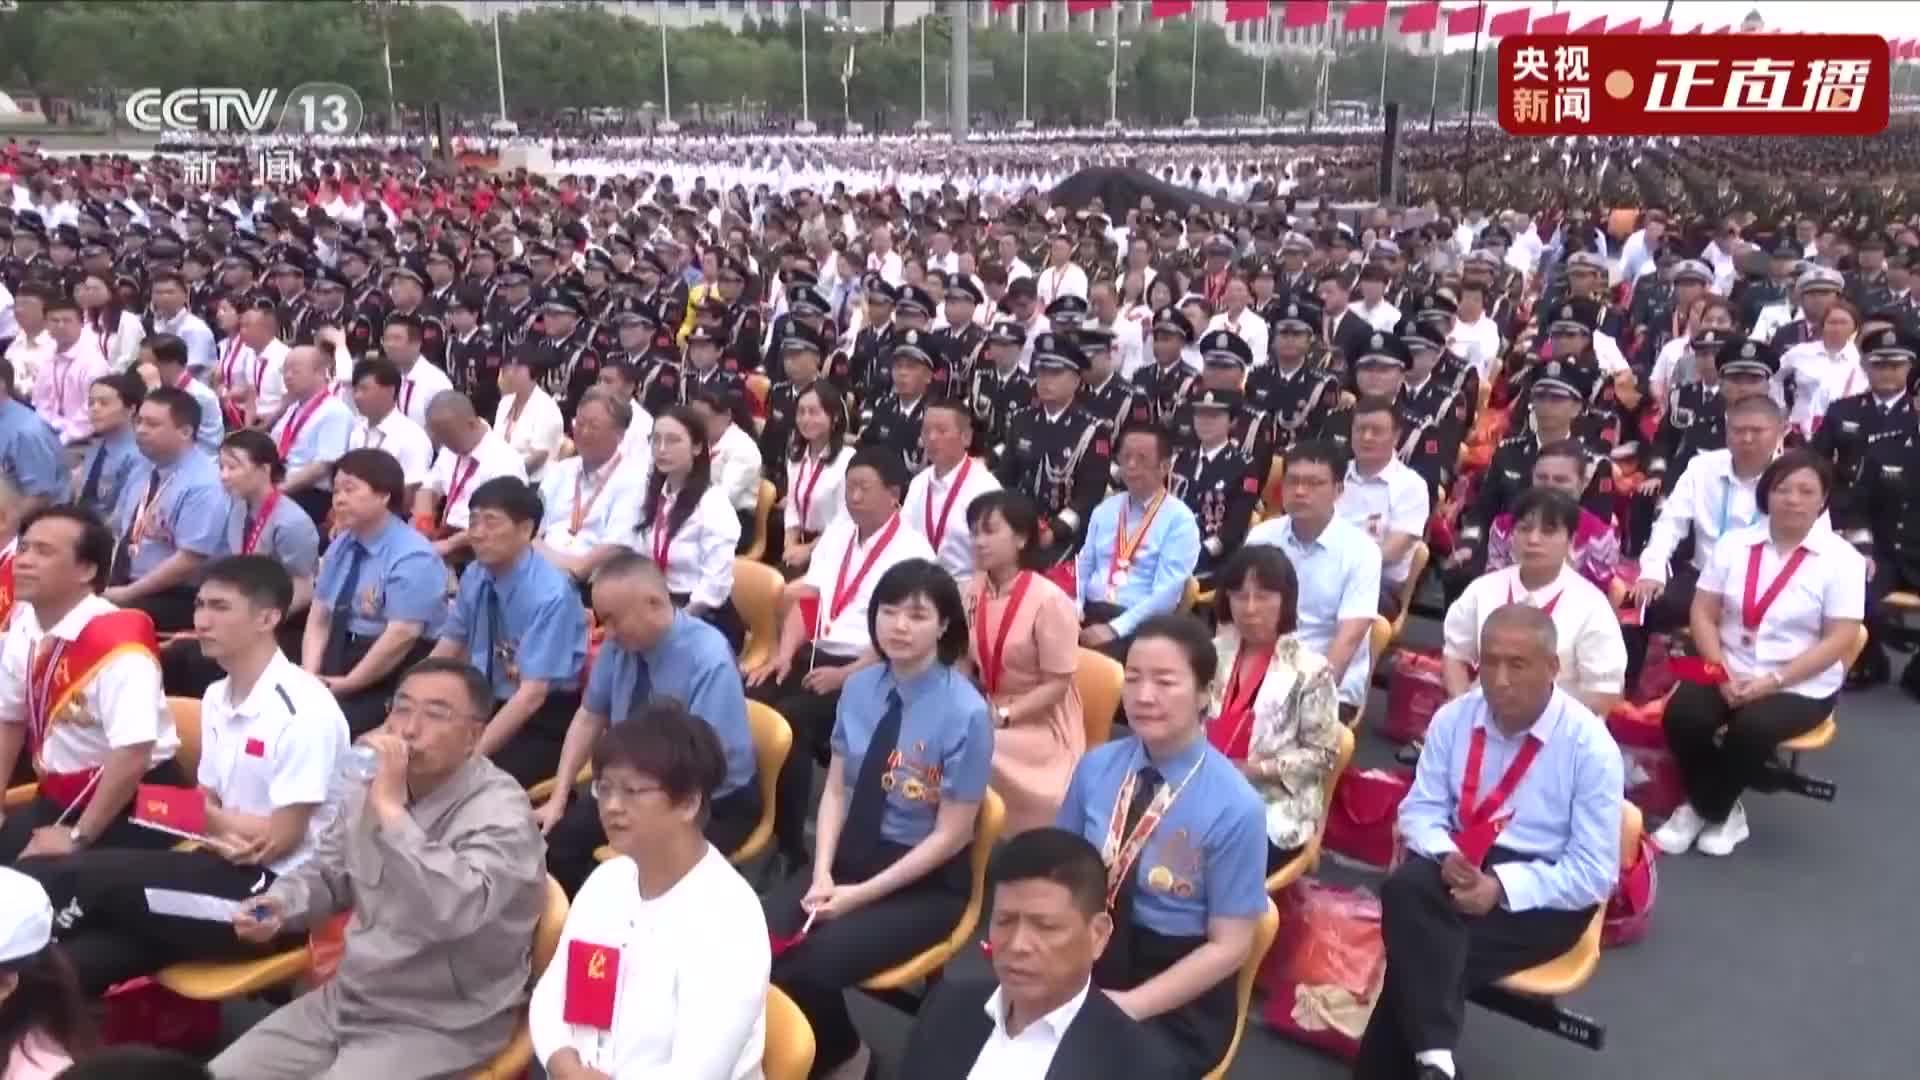 习近平:不要低估中国人民捍卫领土完整的决心